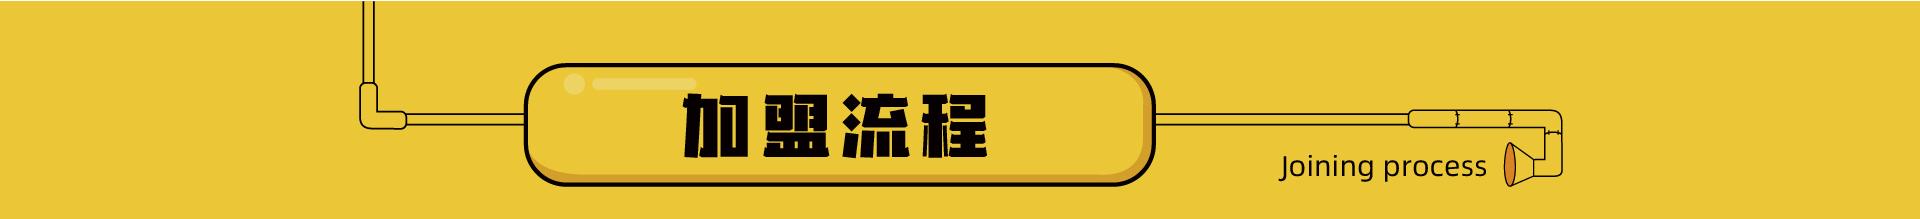 筷錦記叫了個雞jlgj_14